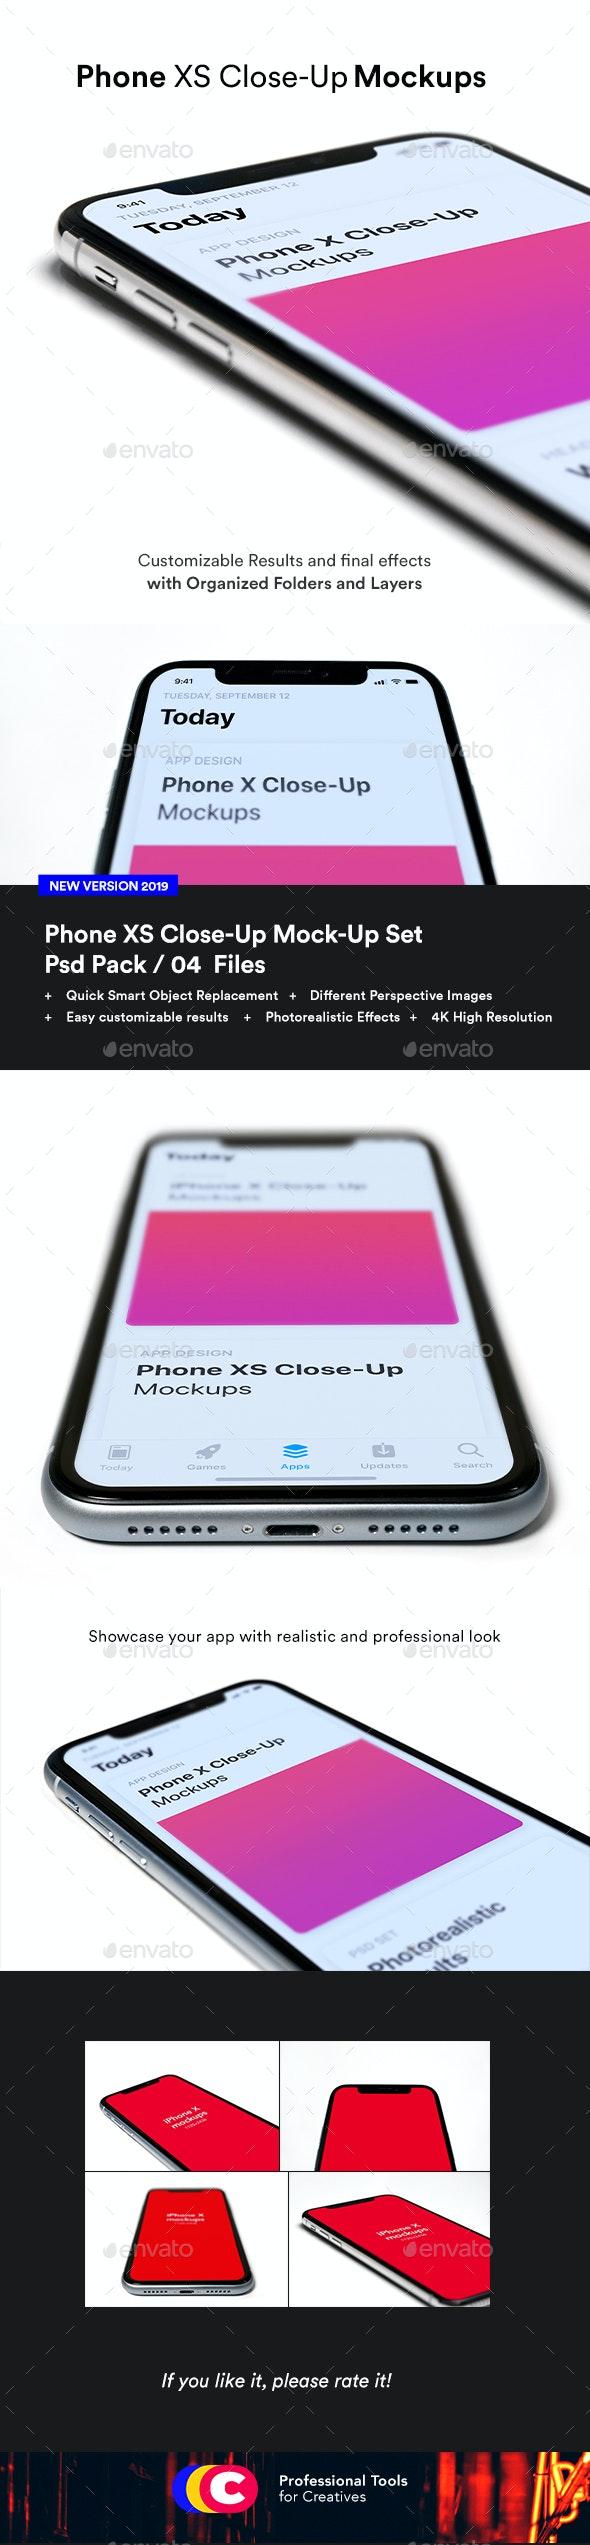 Mobile Mockups psd - Mobile Displays